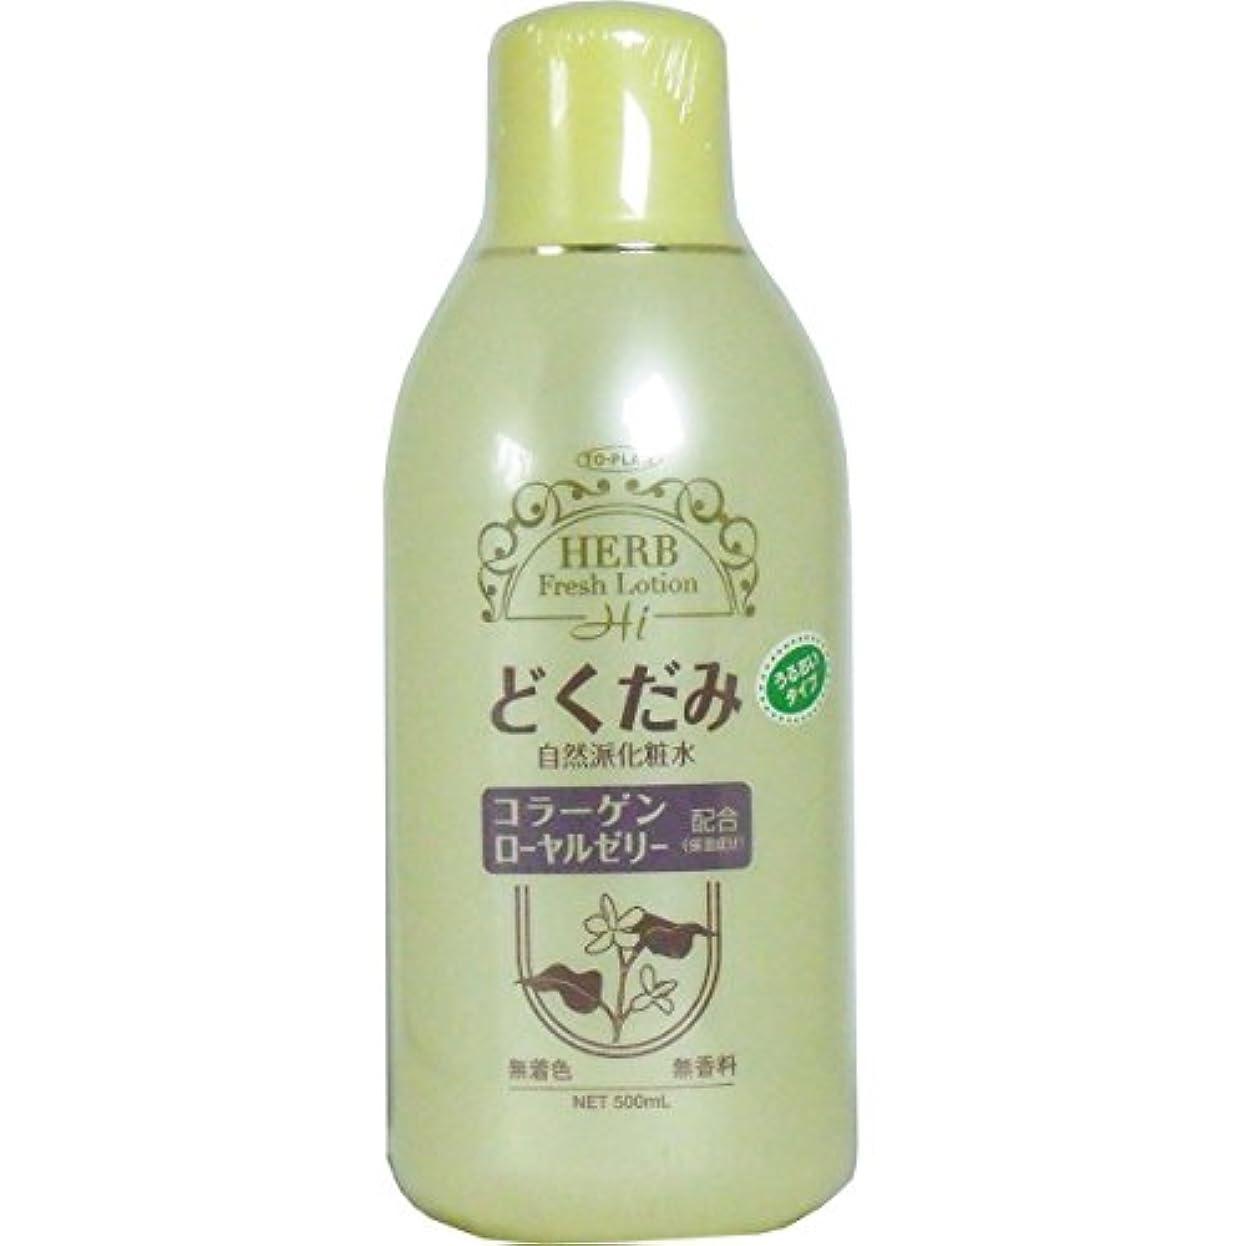 アリモニカ上向き【まとめ買い】トプラン どくだみ化粧水【×4個】